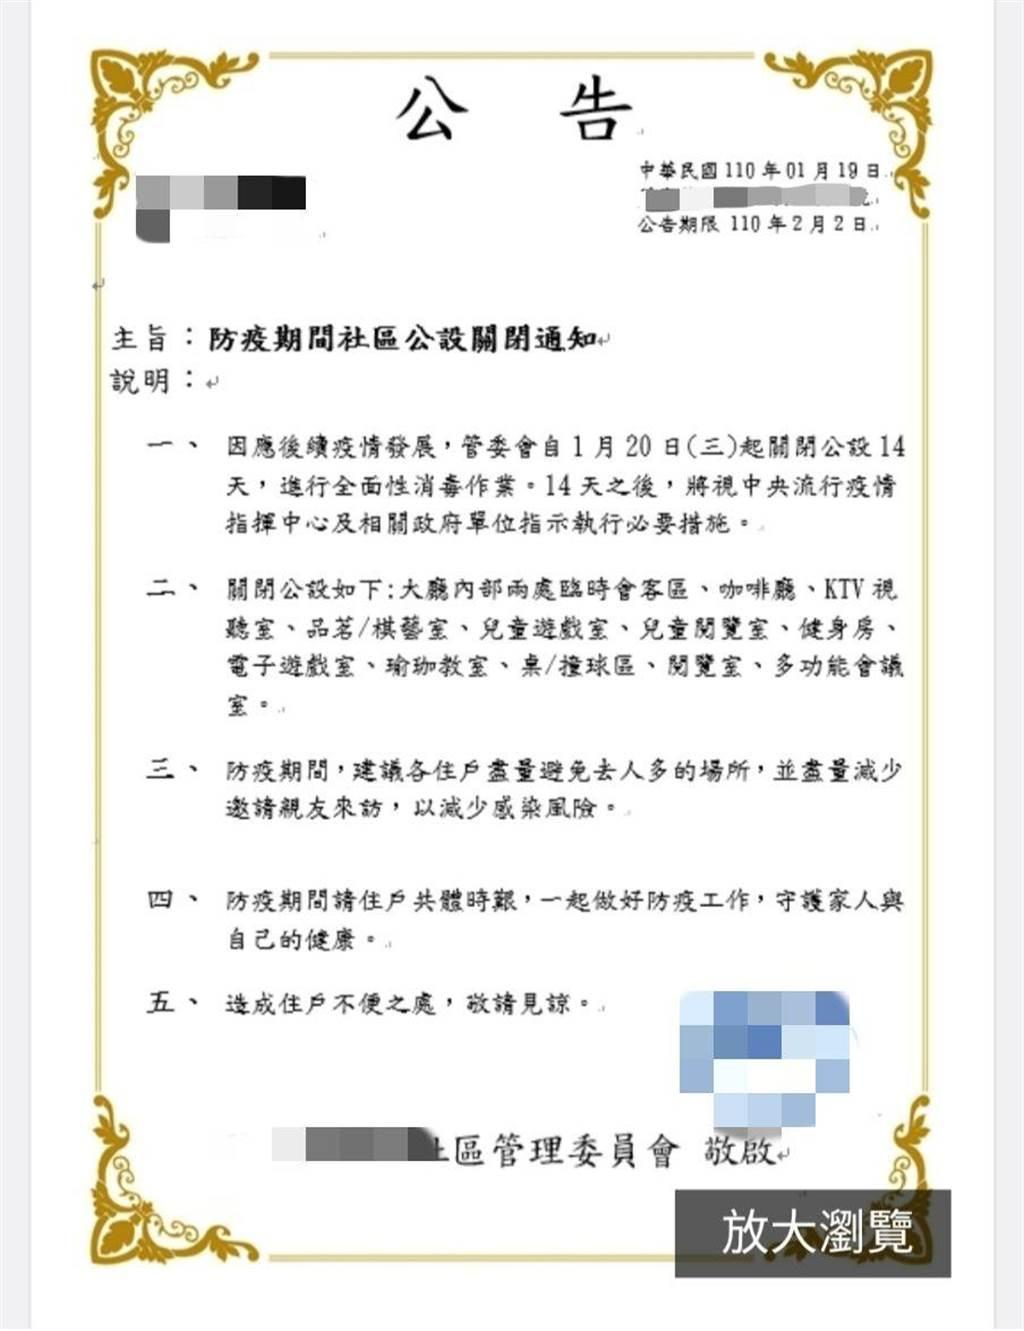 龟山文青里有社区贴出公告,暂停使用公设。(翻摄照片/赖佑维桃园传真)